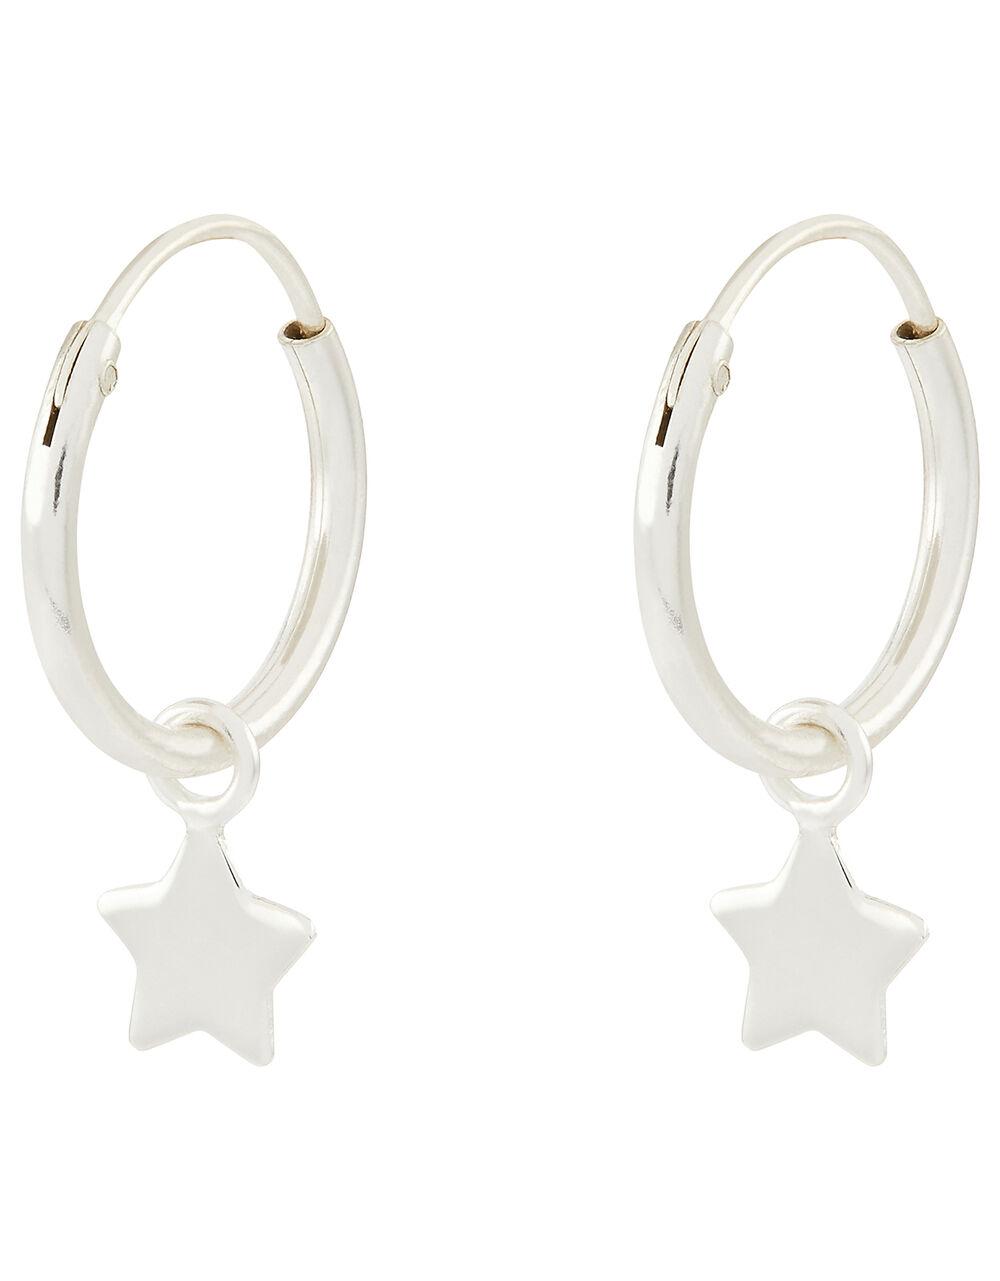 Sterling Silver Star Huggie Hoop Earrings, , large